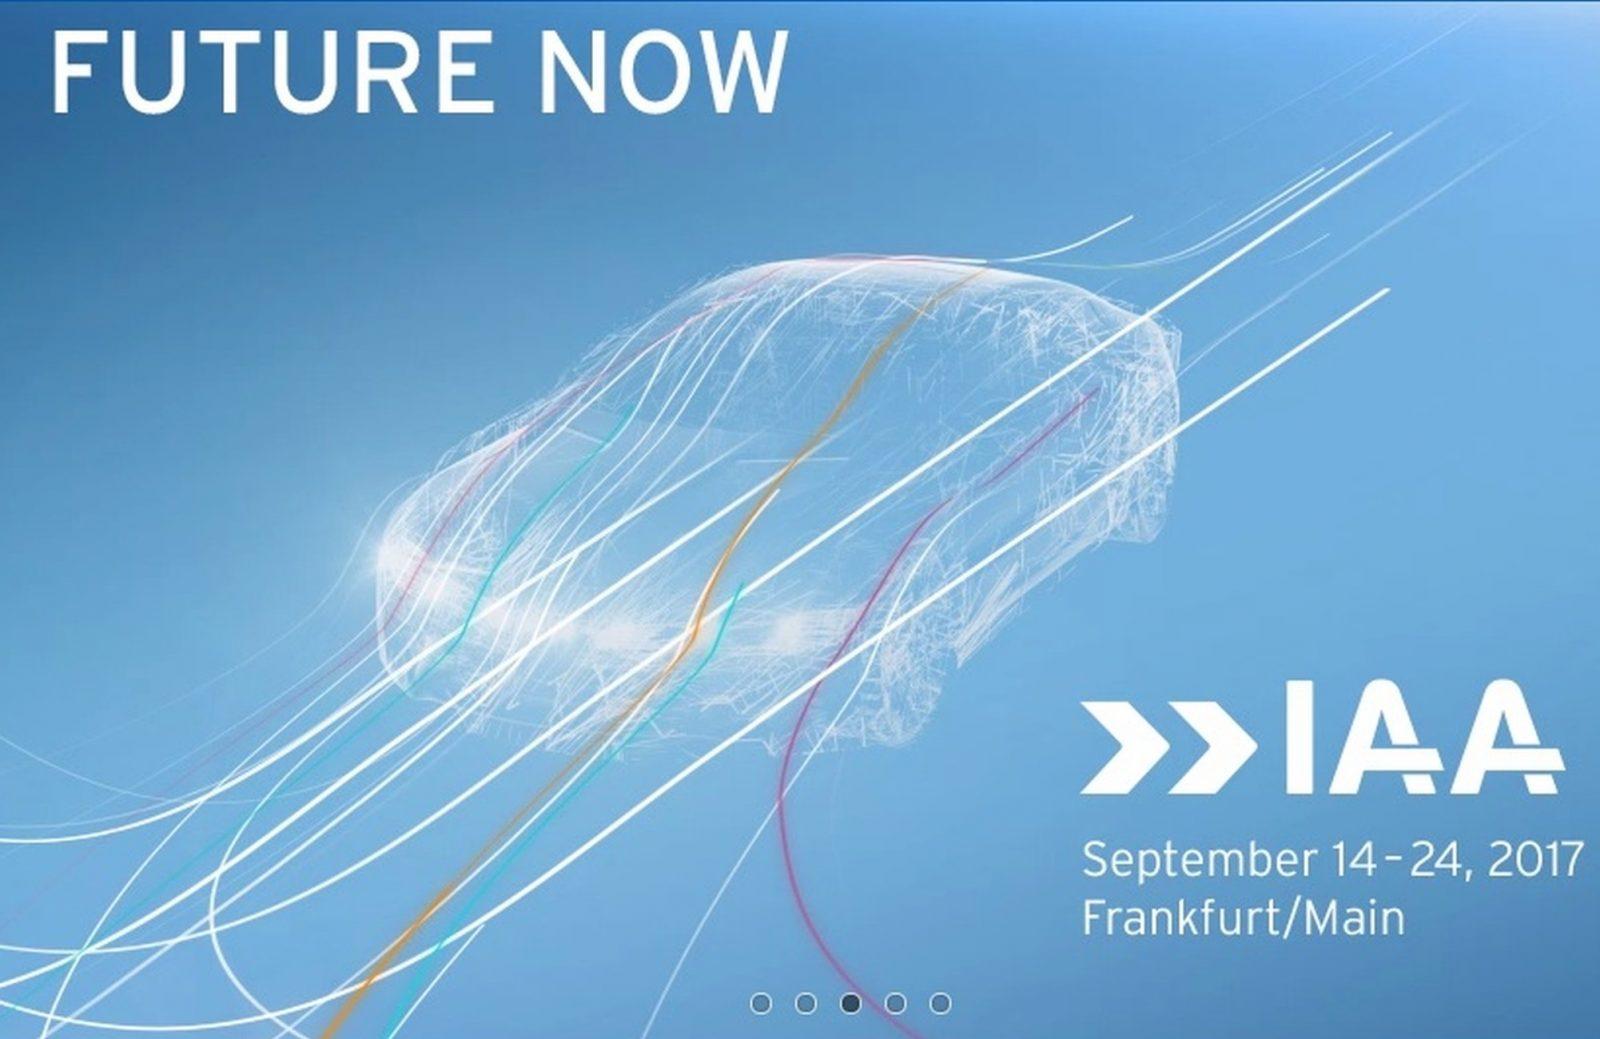 Uskoro počinje Frankfurt Motor Show IAA 2017